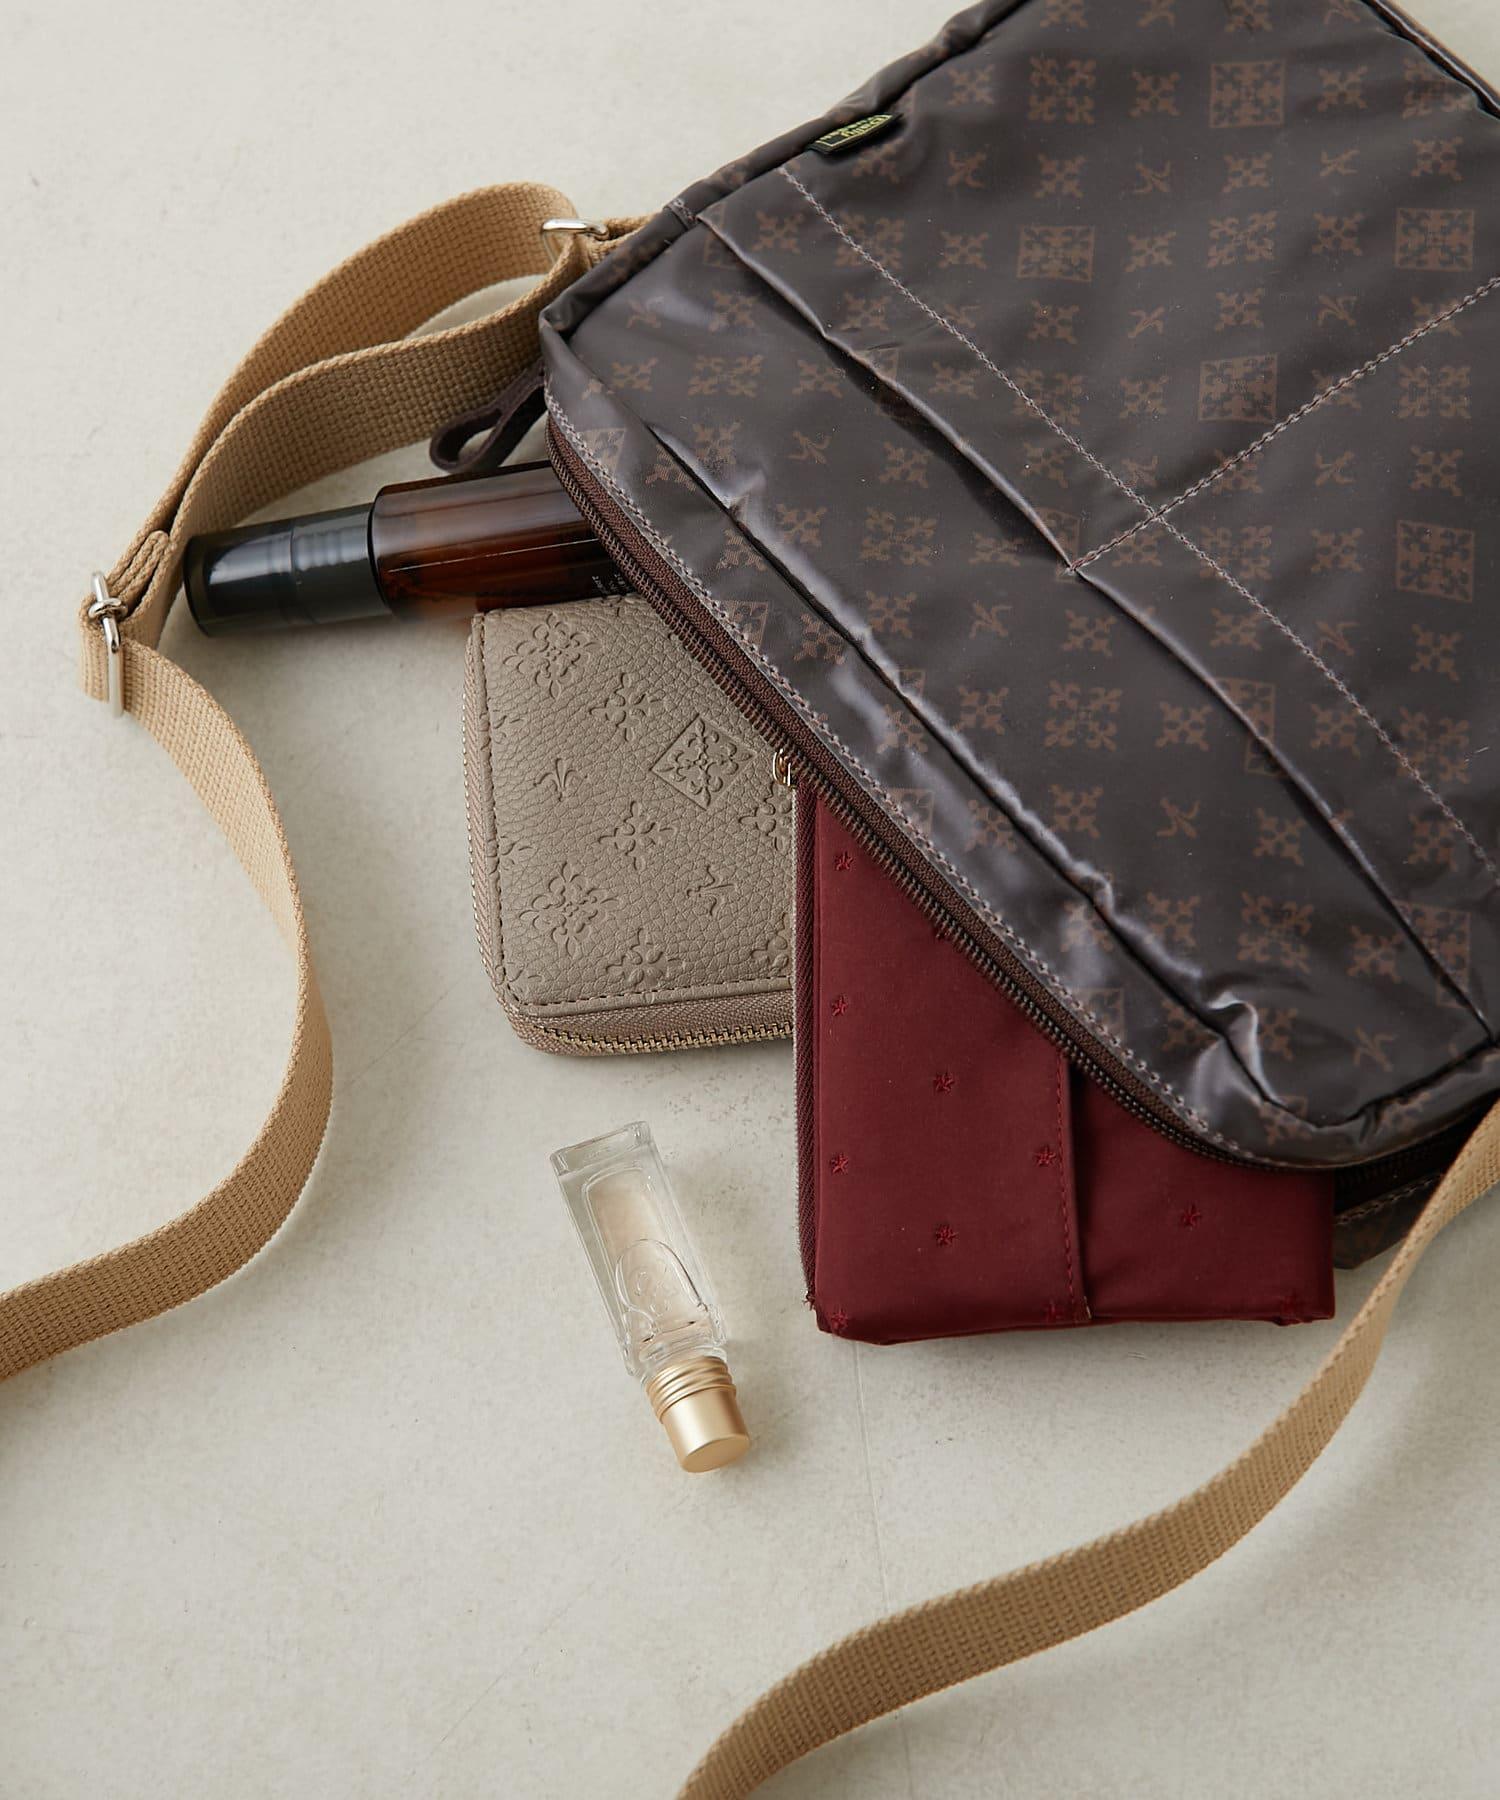 Daily russet(デイリー ラシット) 【撥水&制菌防臭】パルクロ限定 つるつるショルダーバッグ